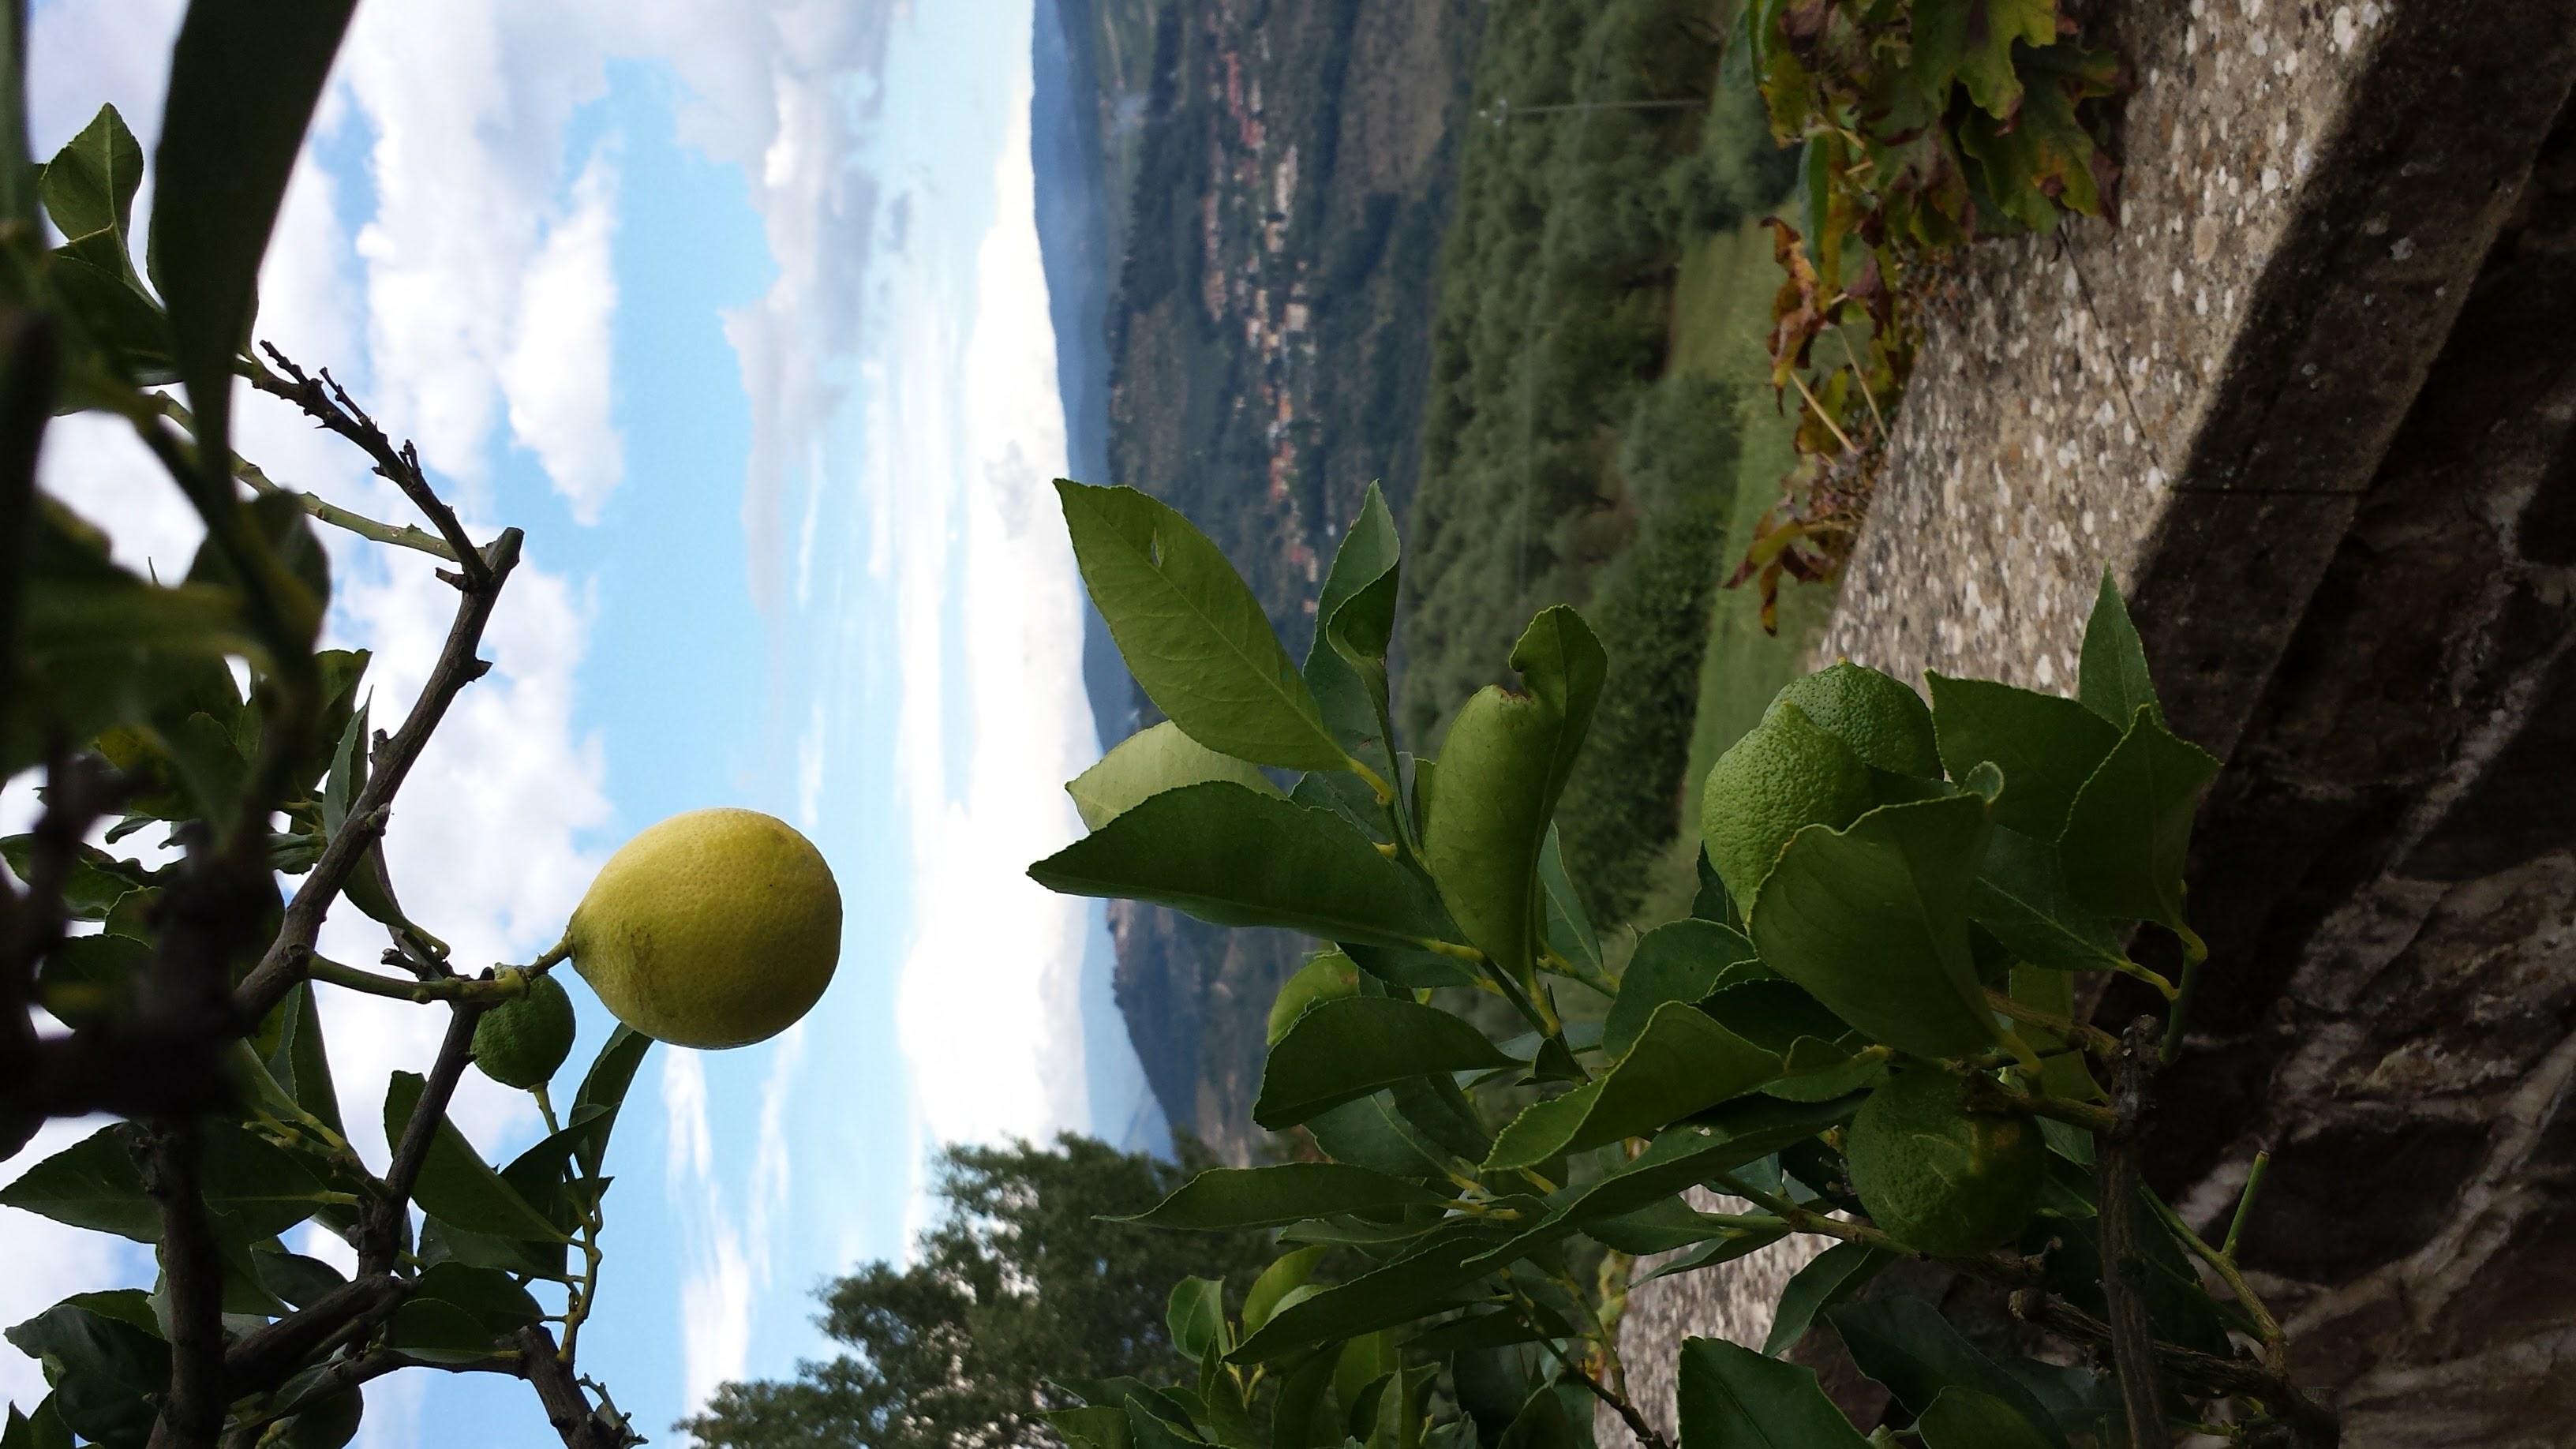 LemonChianti